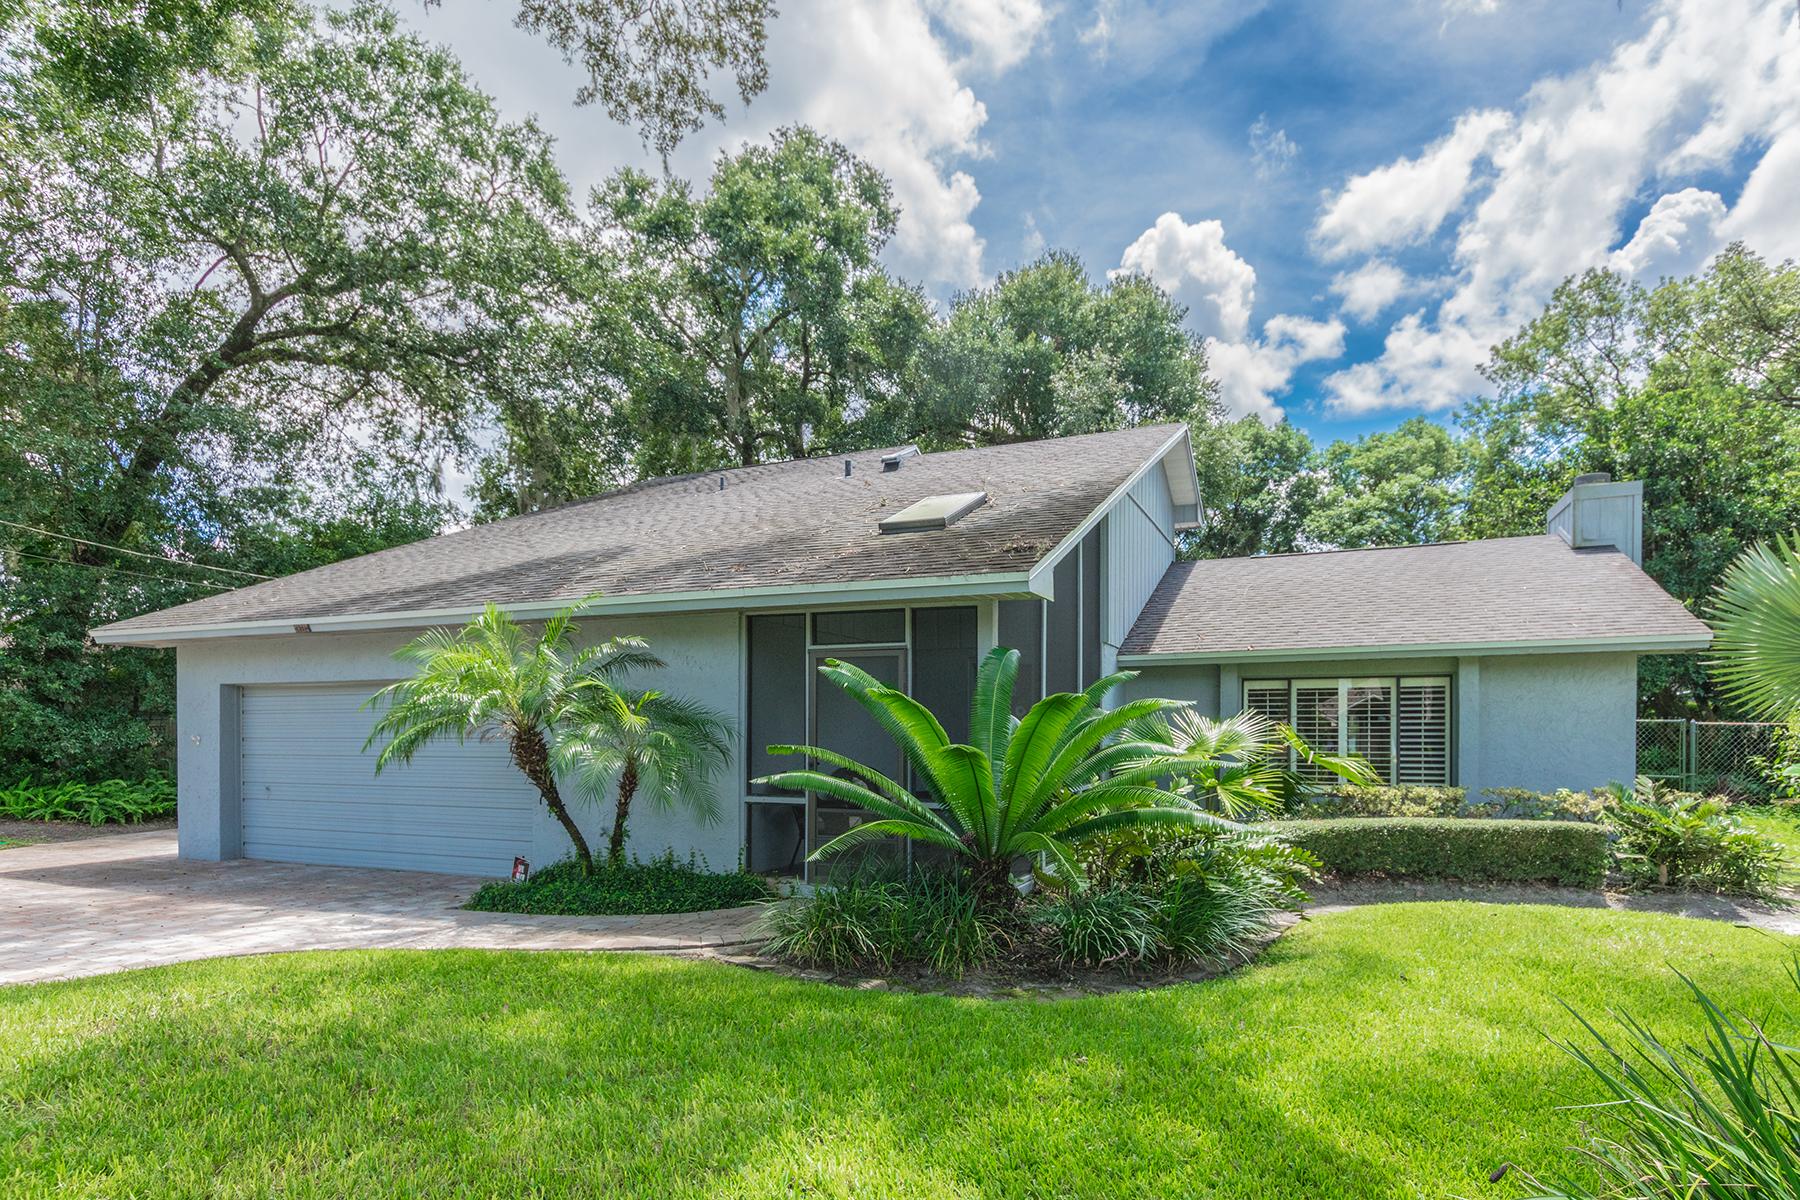 Einfamilienhaus für Verkauf beim ORLANDO - LONGWOOD 1301 Ridge Rd Longwood, Florida 32750 Vereinigte Staaten